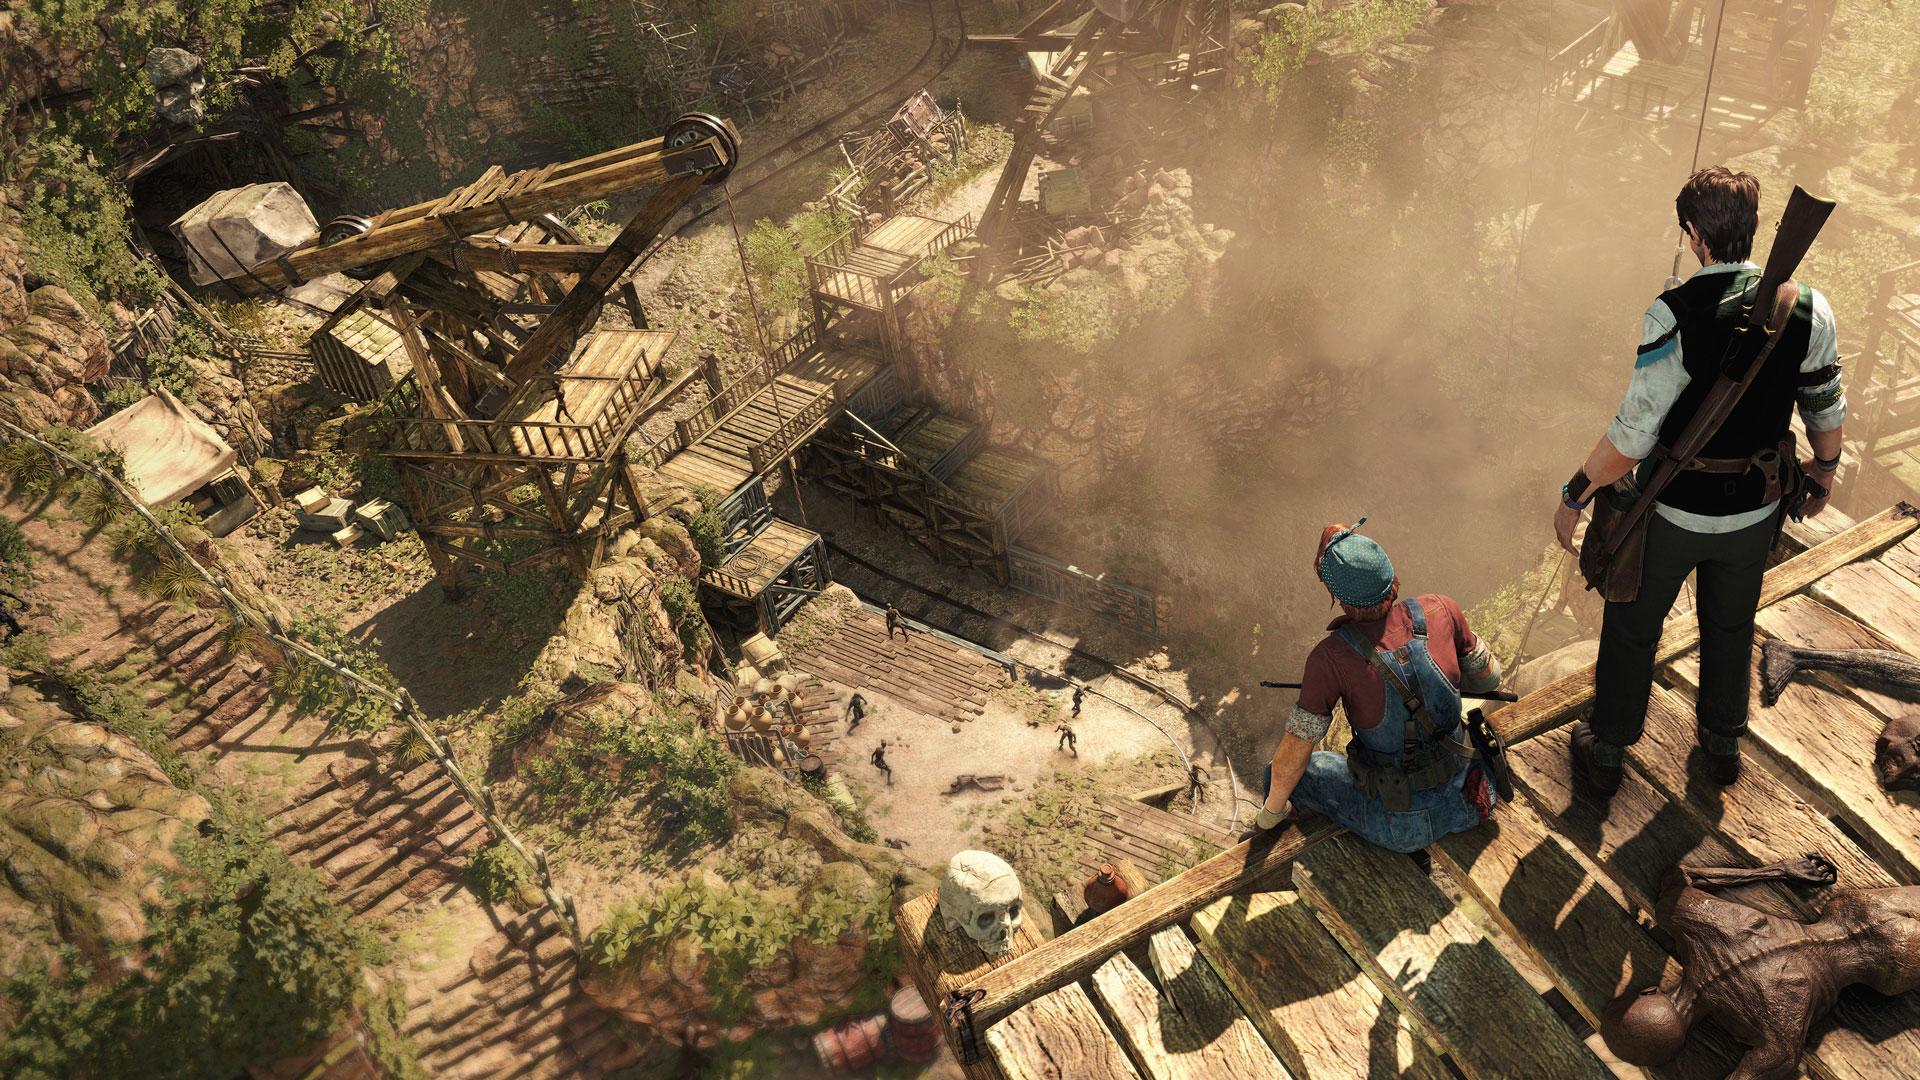 Die Level-Labyrinthe sind riesengroß und verzweigen sich oft über mehrere Ebenen. Um die Portale zwischen den einzelnen Gebieten zu öffnen, müssen die Helden Rätsel knacken und Schalter finden.